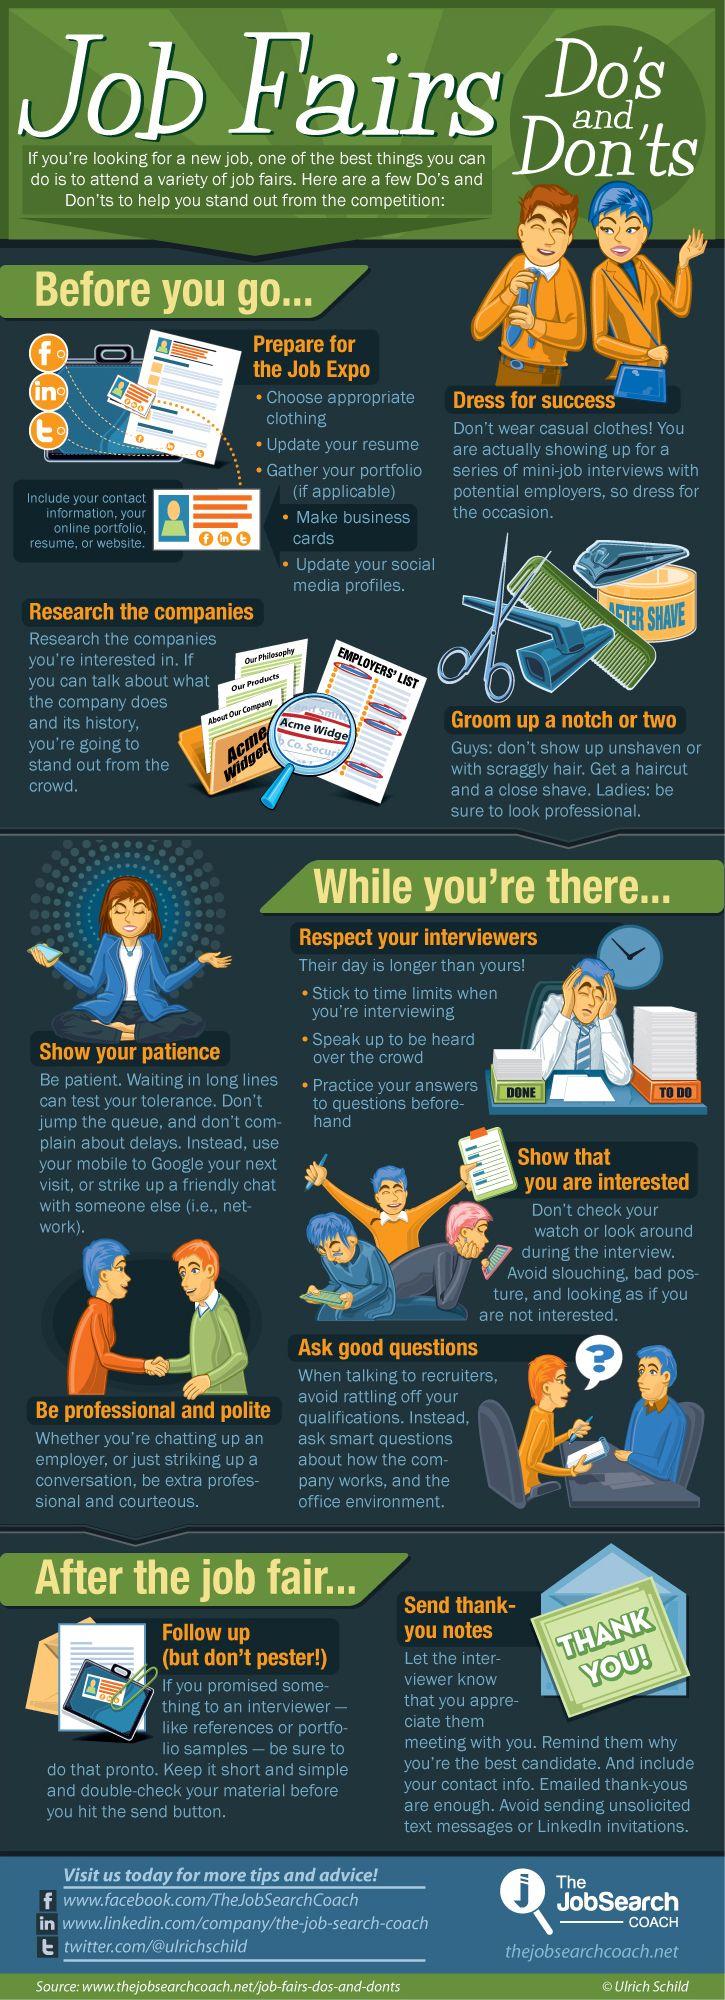 Home | Career tips | Career fair tips, Job fair, Job